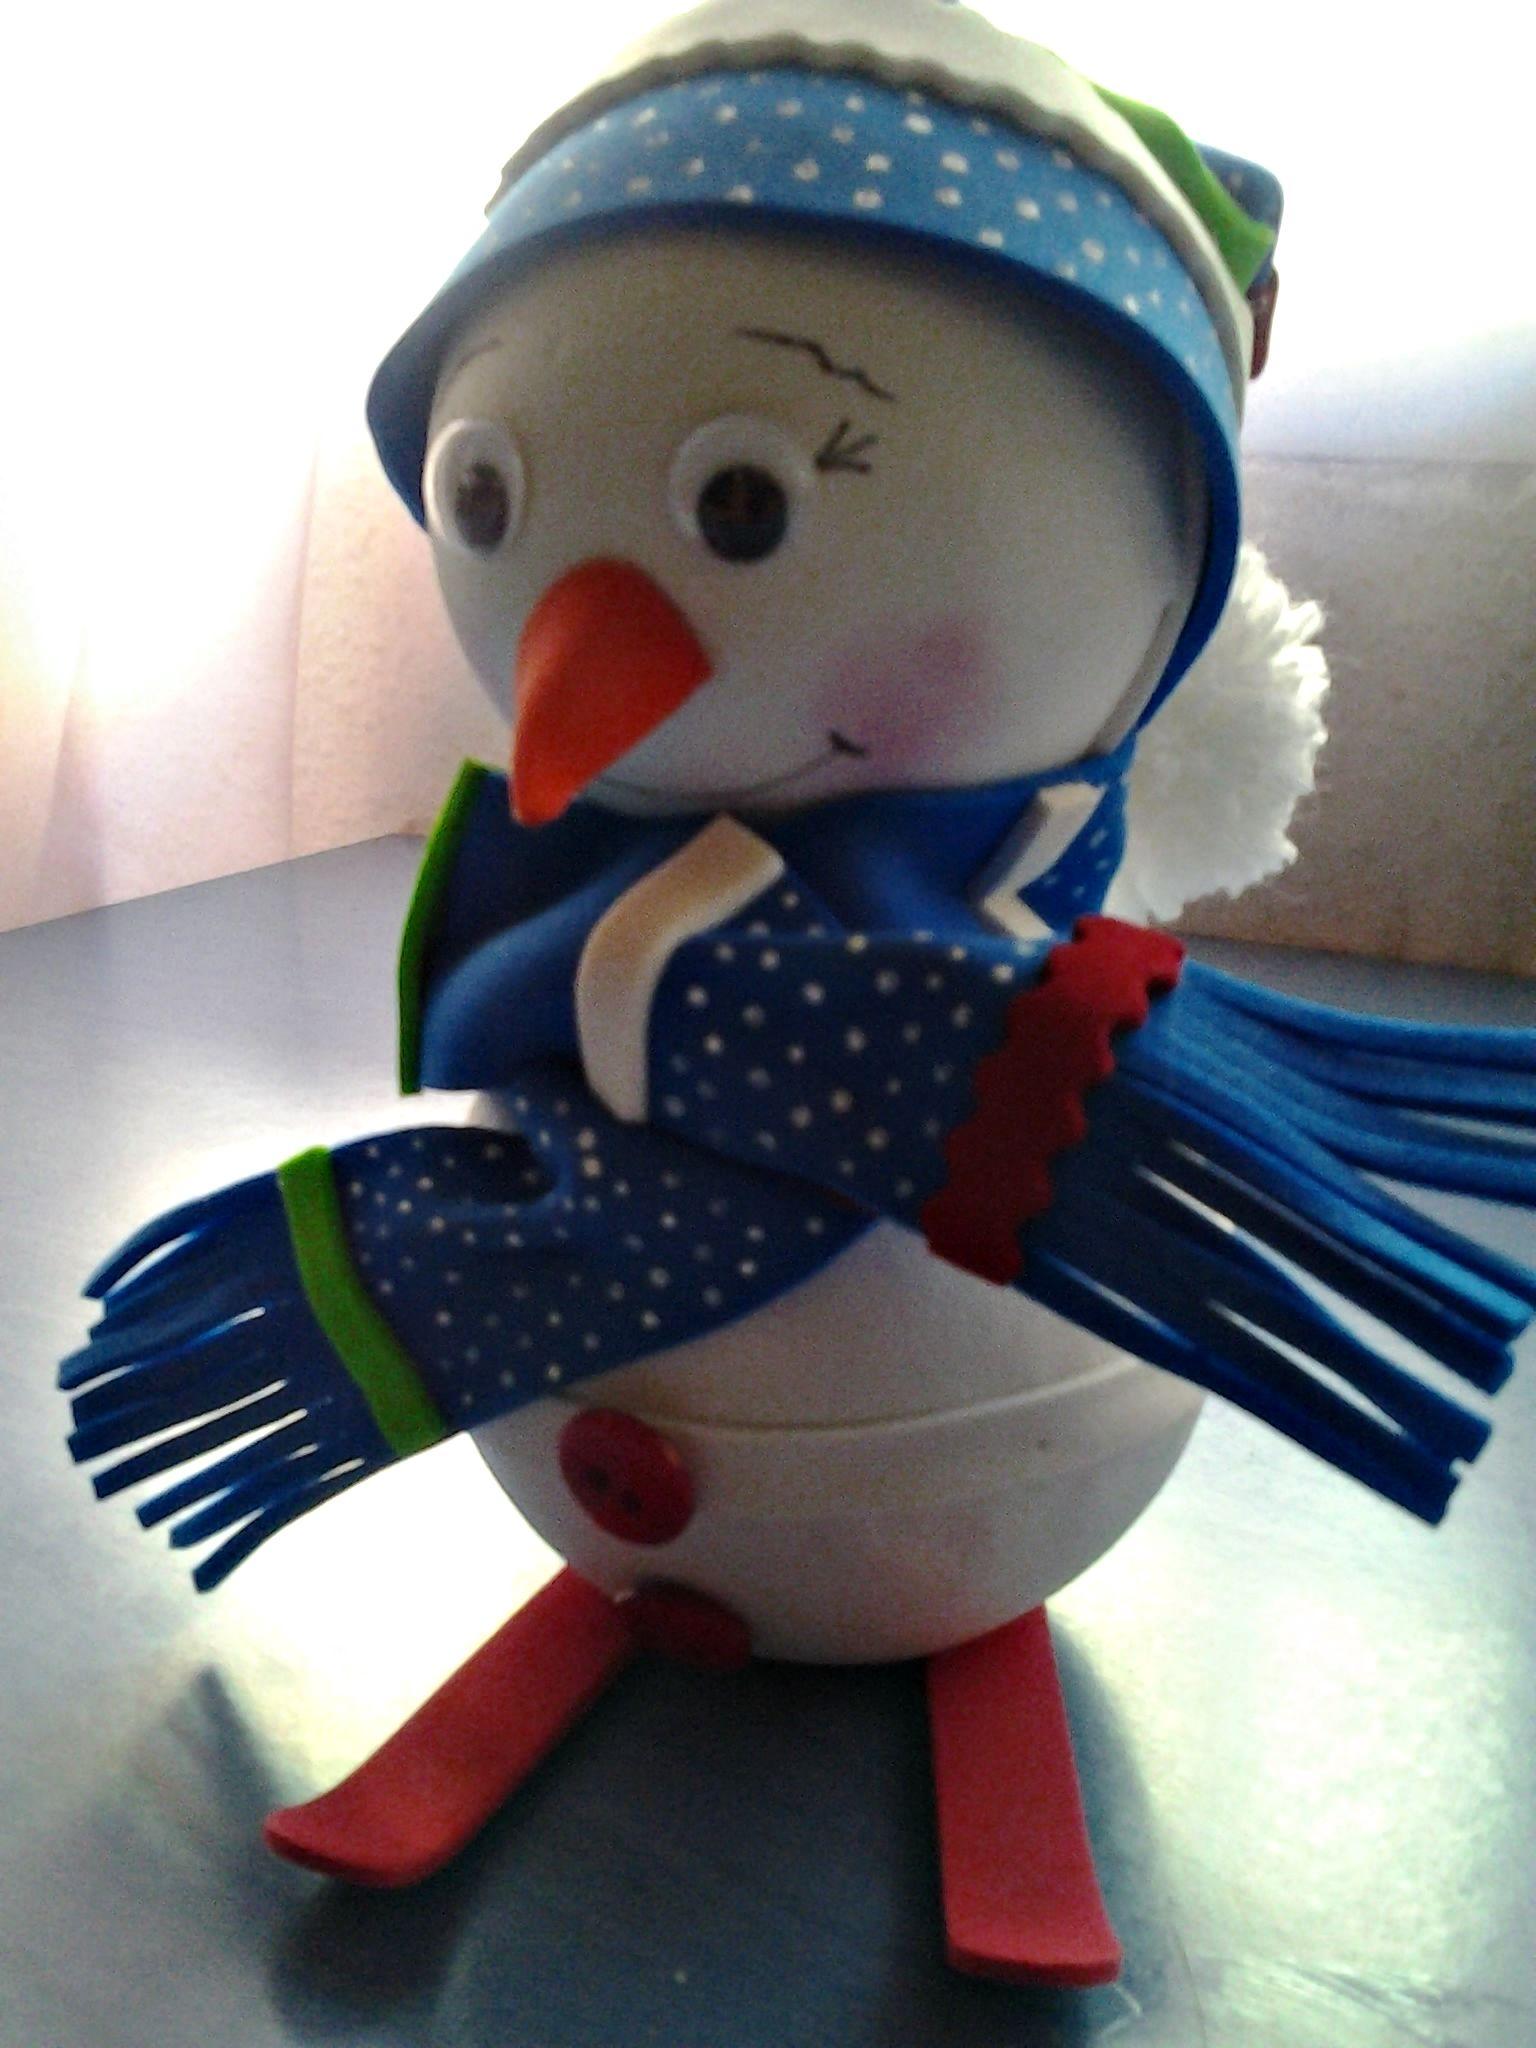 Pepito el muñeco de nieve en goma eva